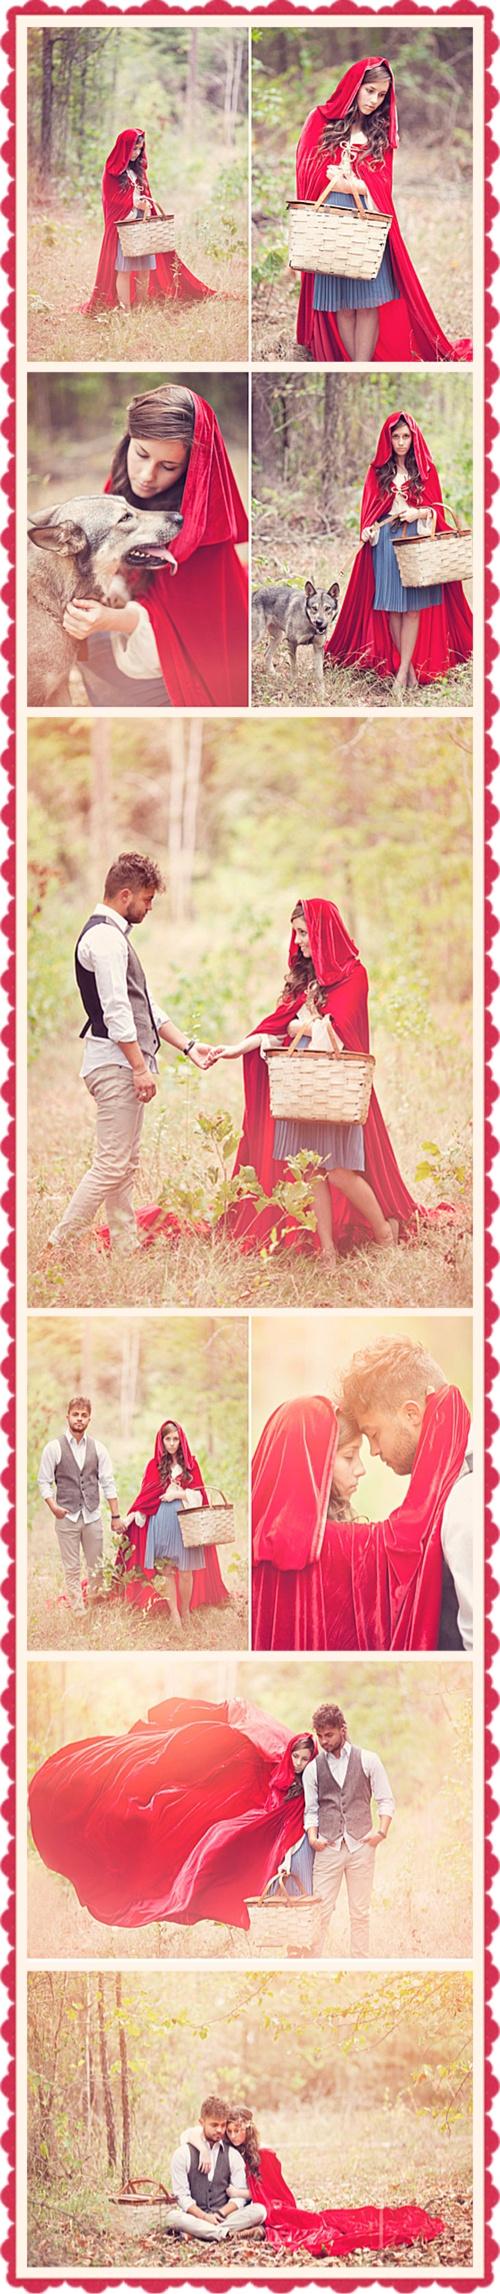 Little red ridding hood wedding photos idea